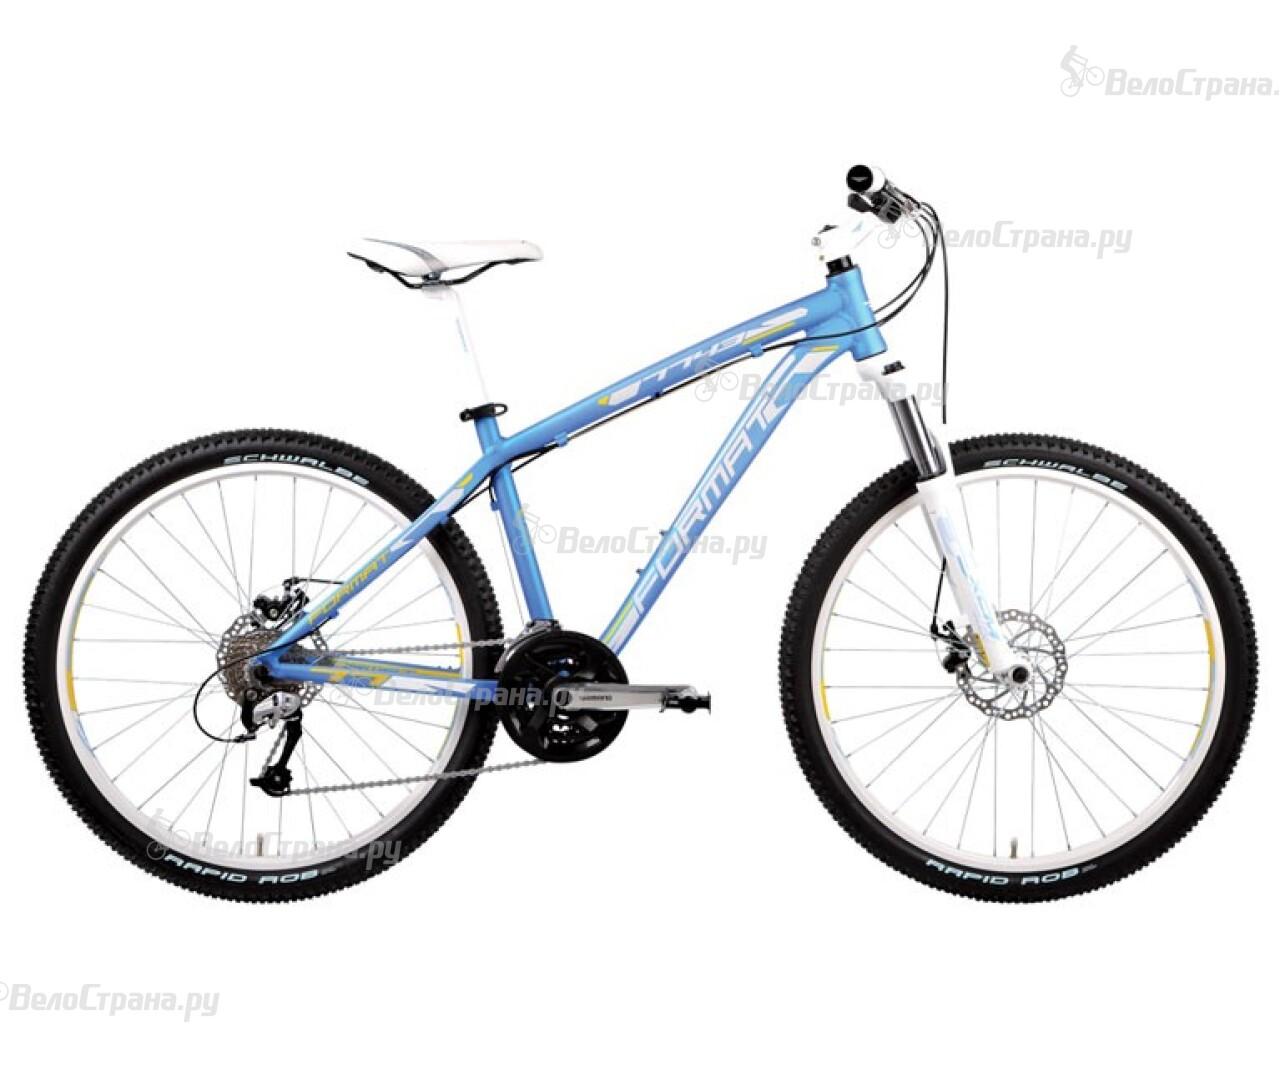 цены Велосипед Format 7743 (2014)